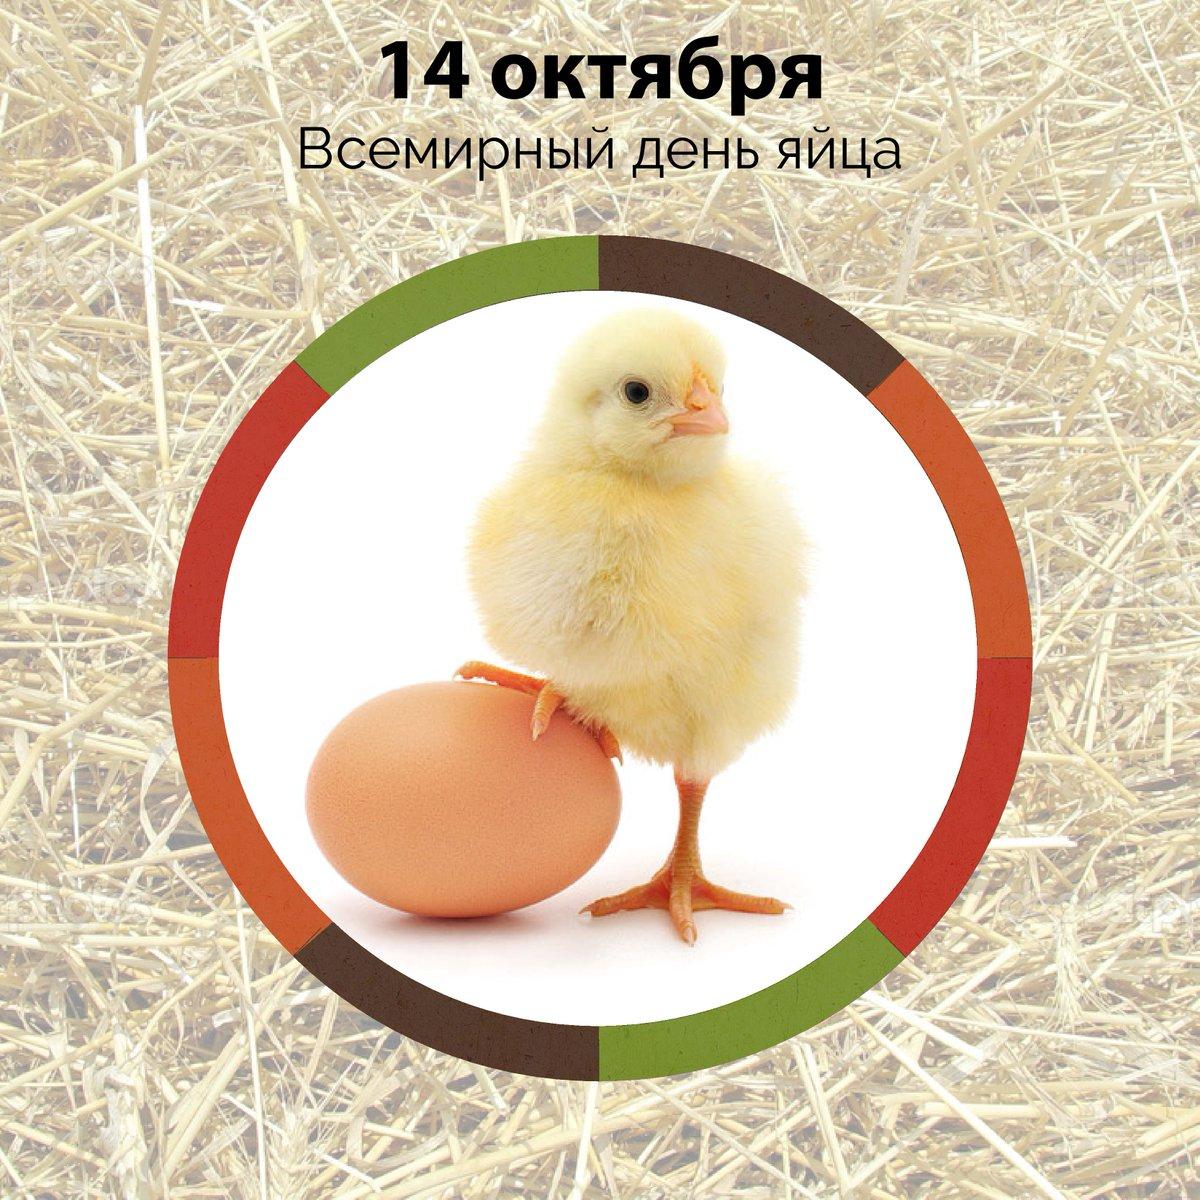 Открыток день, всемирный день яйца гифы